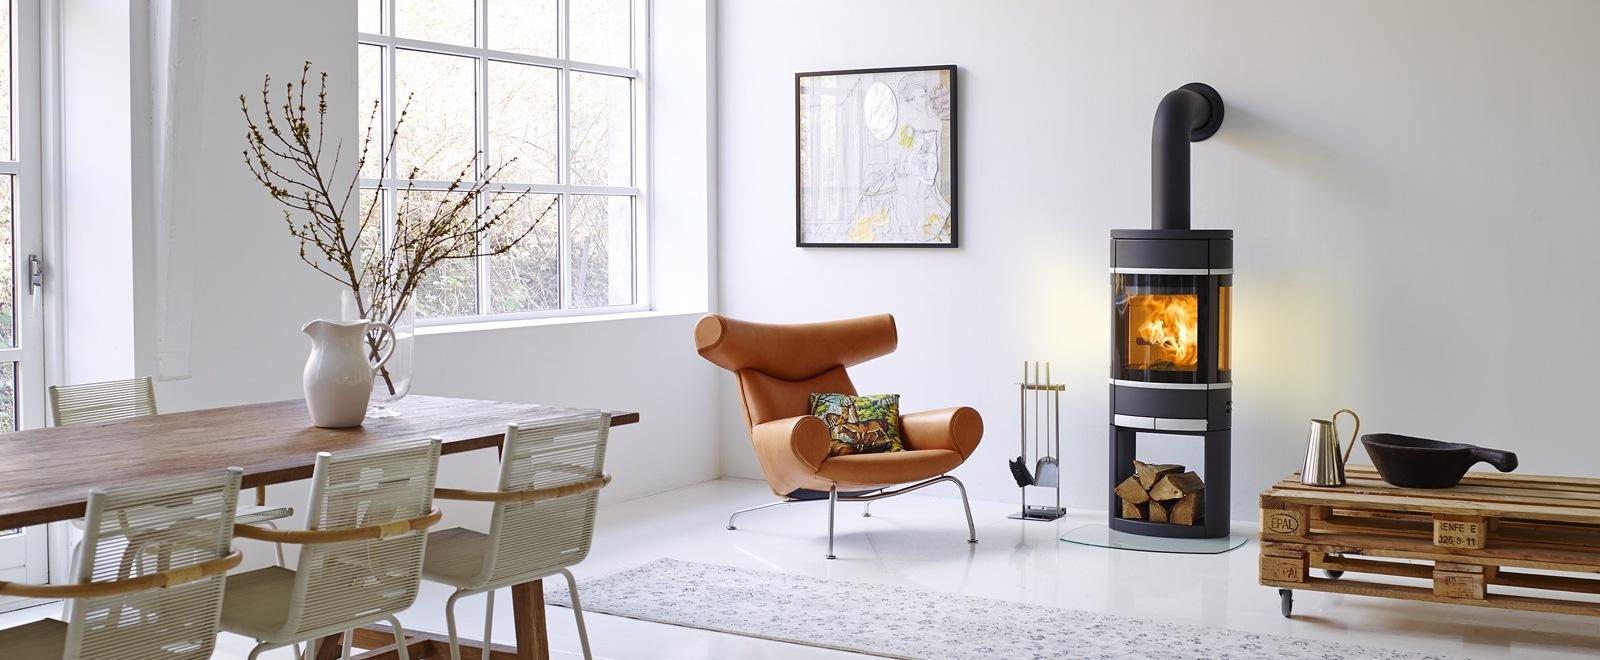 Scan 68 i sort lakk med åpen sokkel og blanke lister. Dansk design ovn i moderne stue.